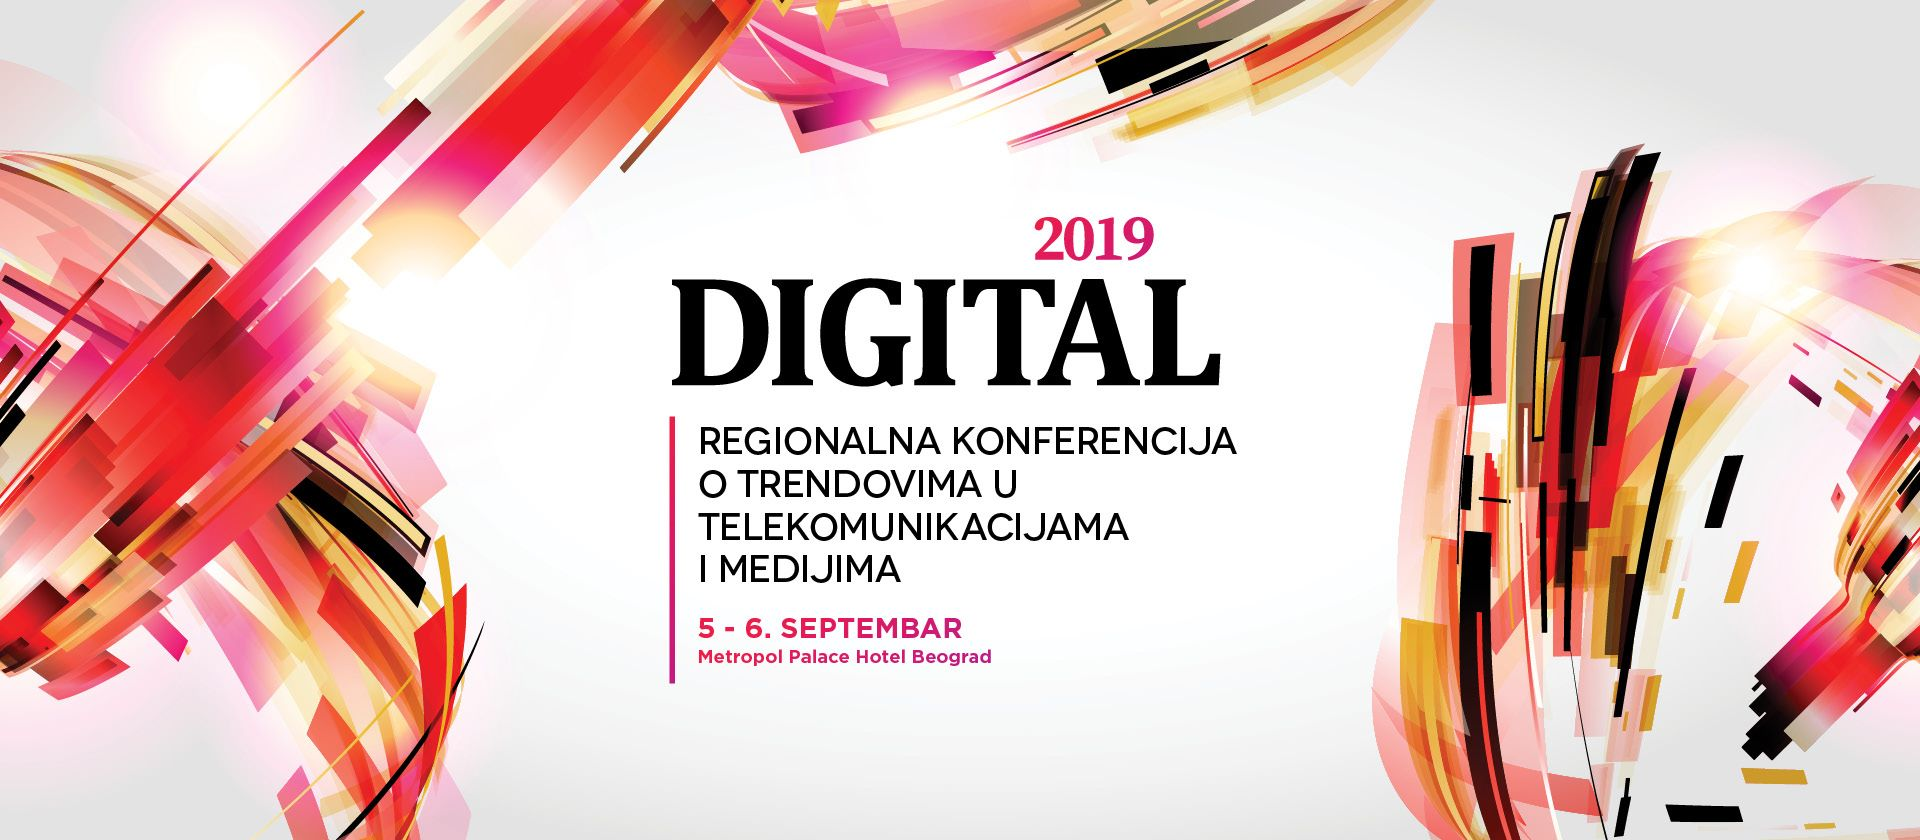 Šta je donela konferencija Digital 2019?